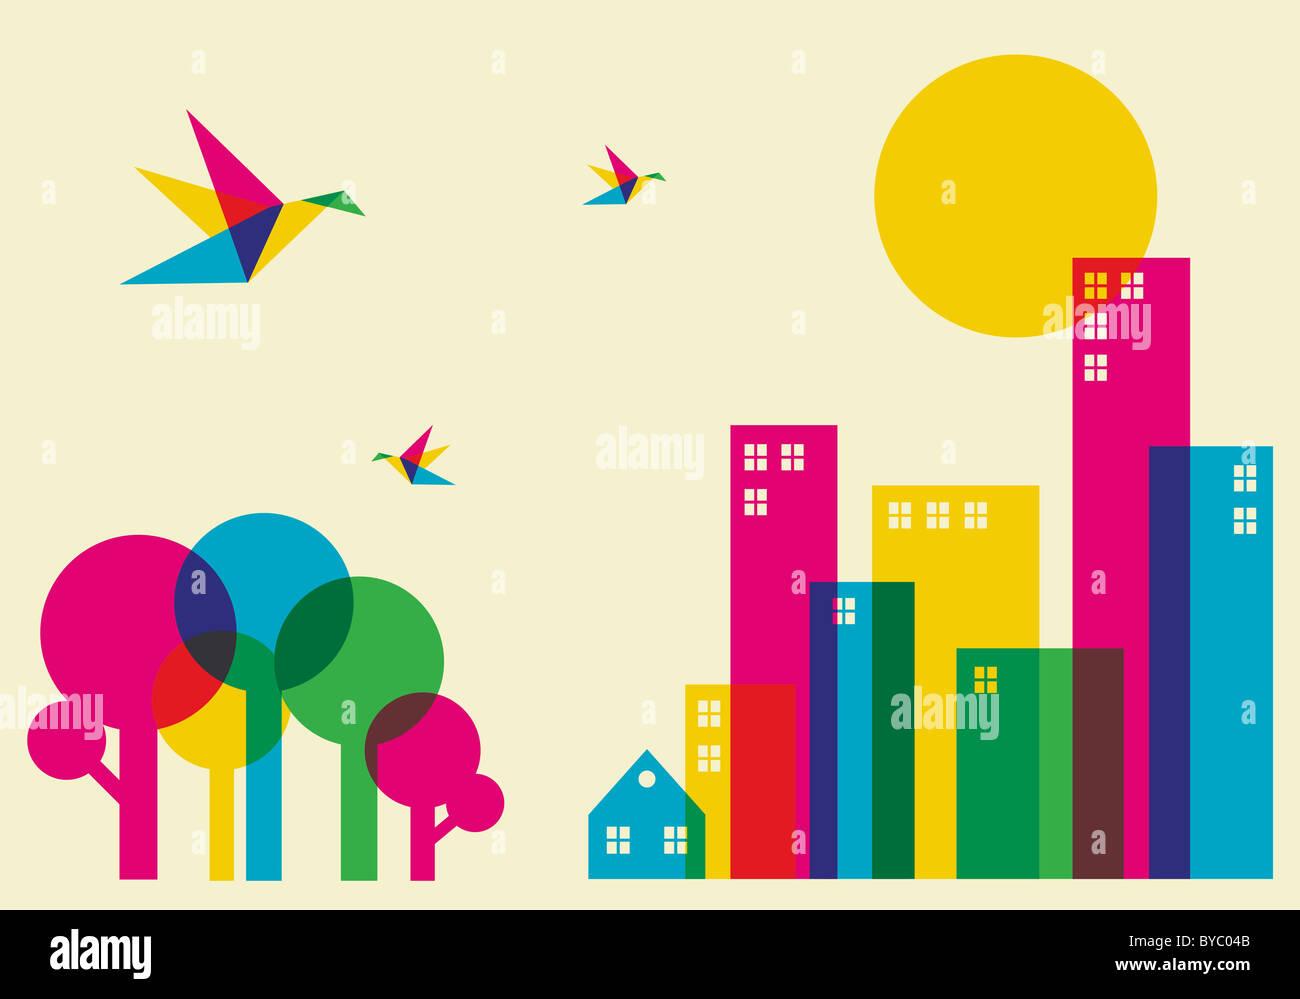 Printemps dans la ville. Couleur complet des colibris volant au-dessus de la forêt et de la ville. Fichier Photo Stock